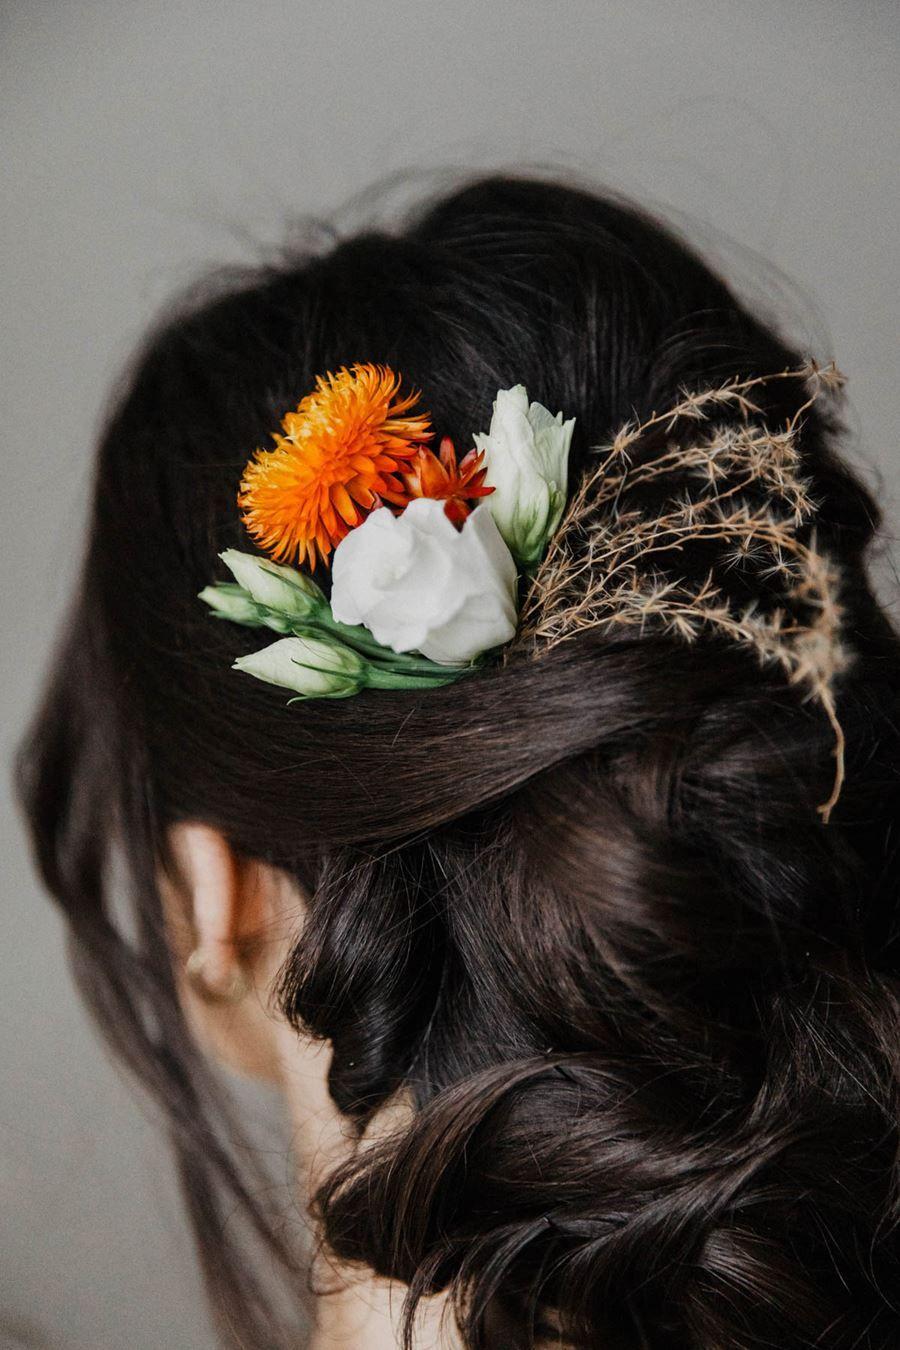 Trockenblumen Hochzeit Inspirationen Zum Dekotrend Brautfrisur Hochzeit Trockenblumen